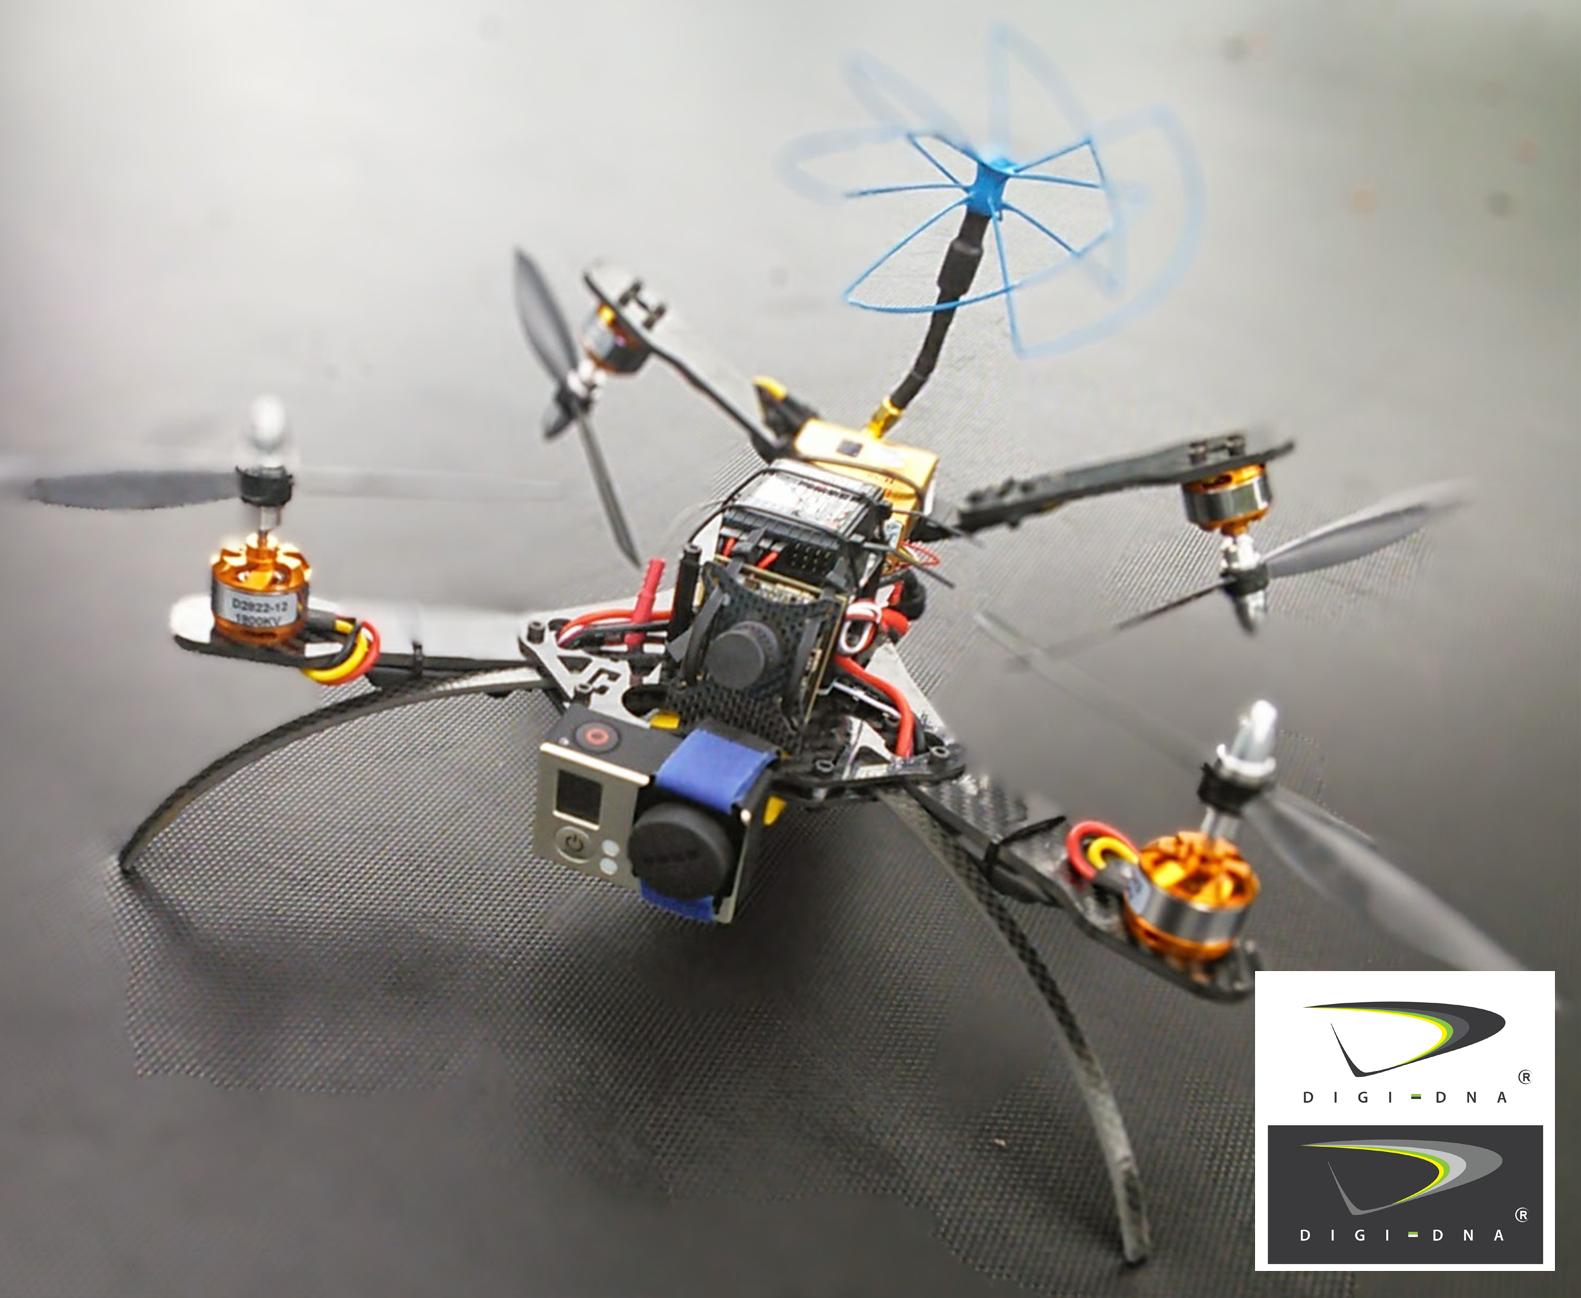 Diy Drones Biggest Diy Drone Building Website Diy Drone Diy Drone Projects Drone Design